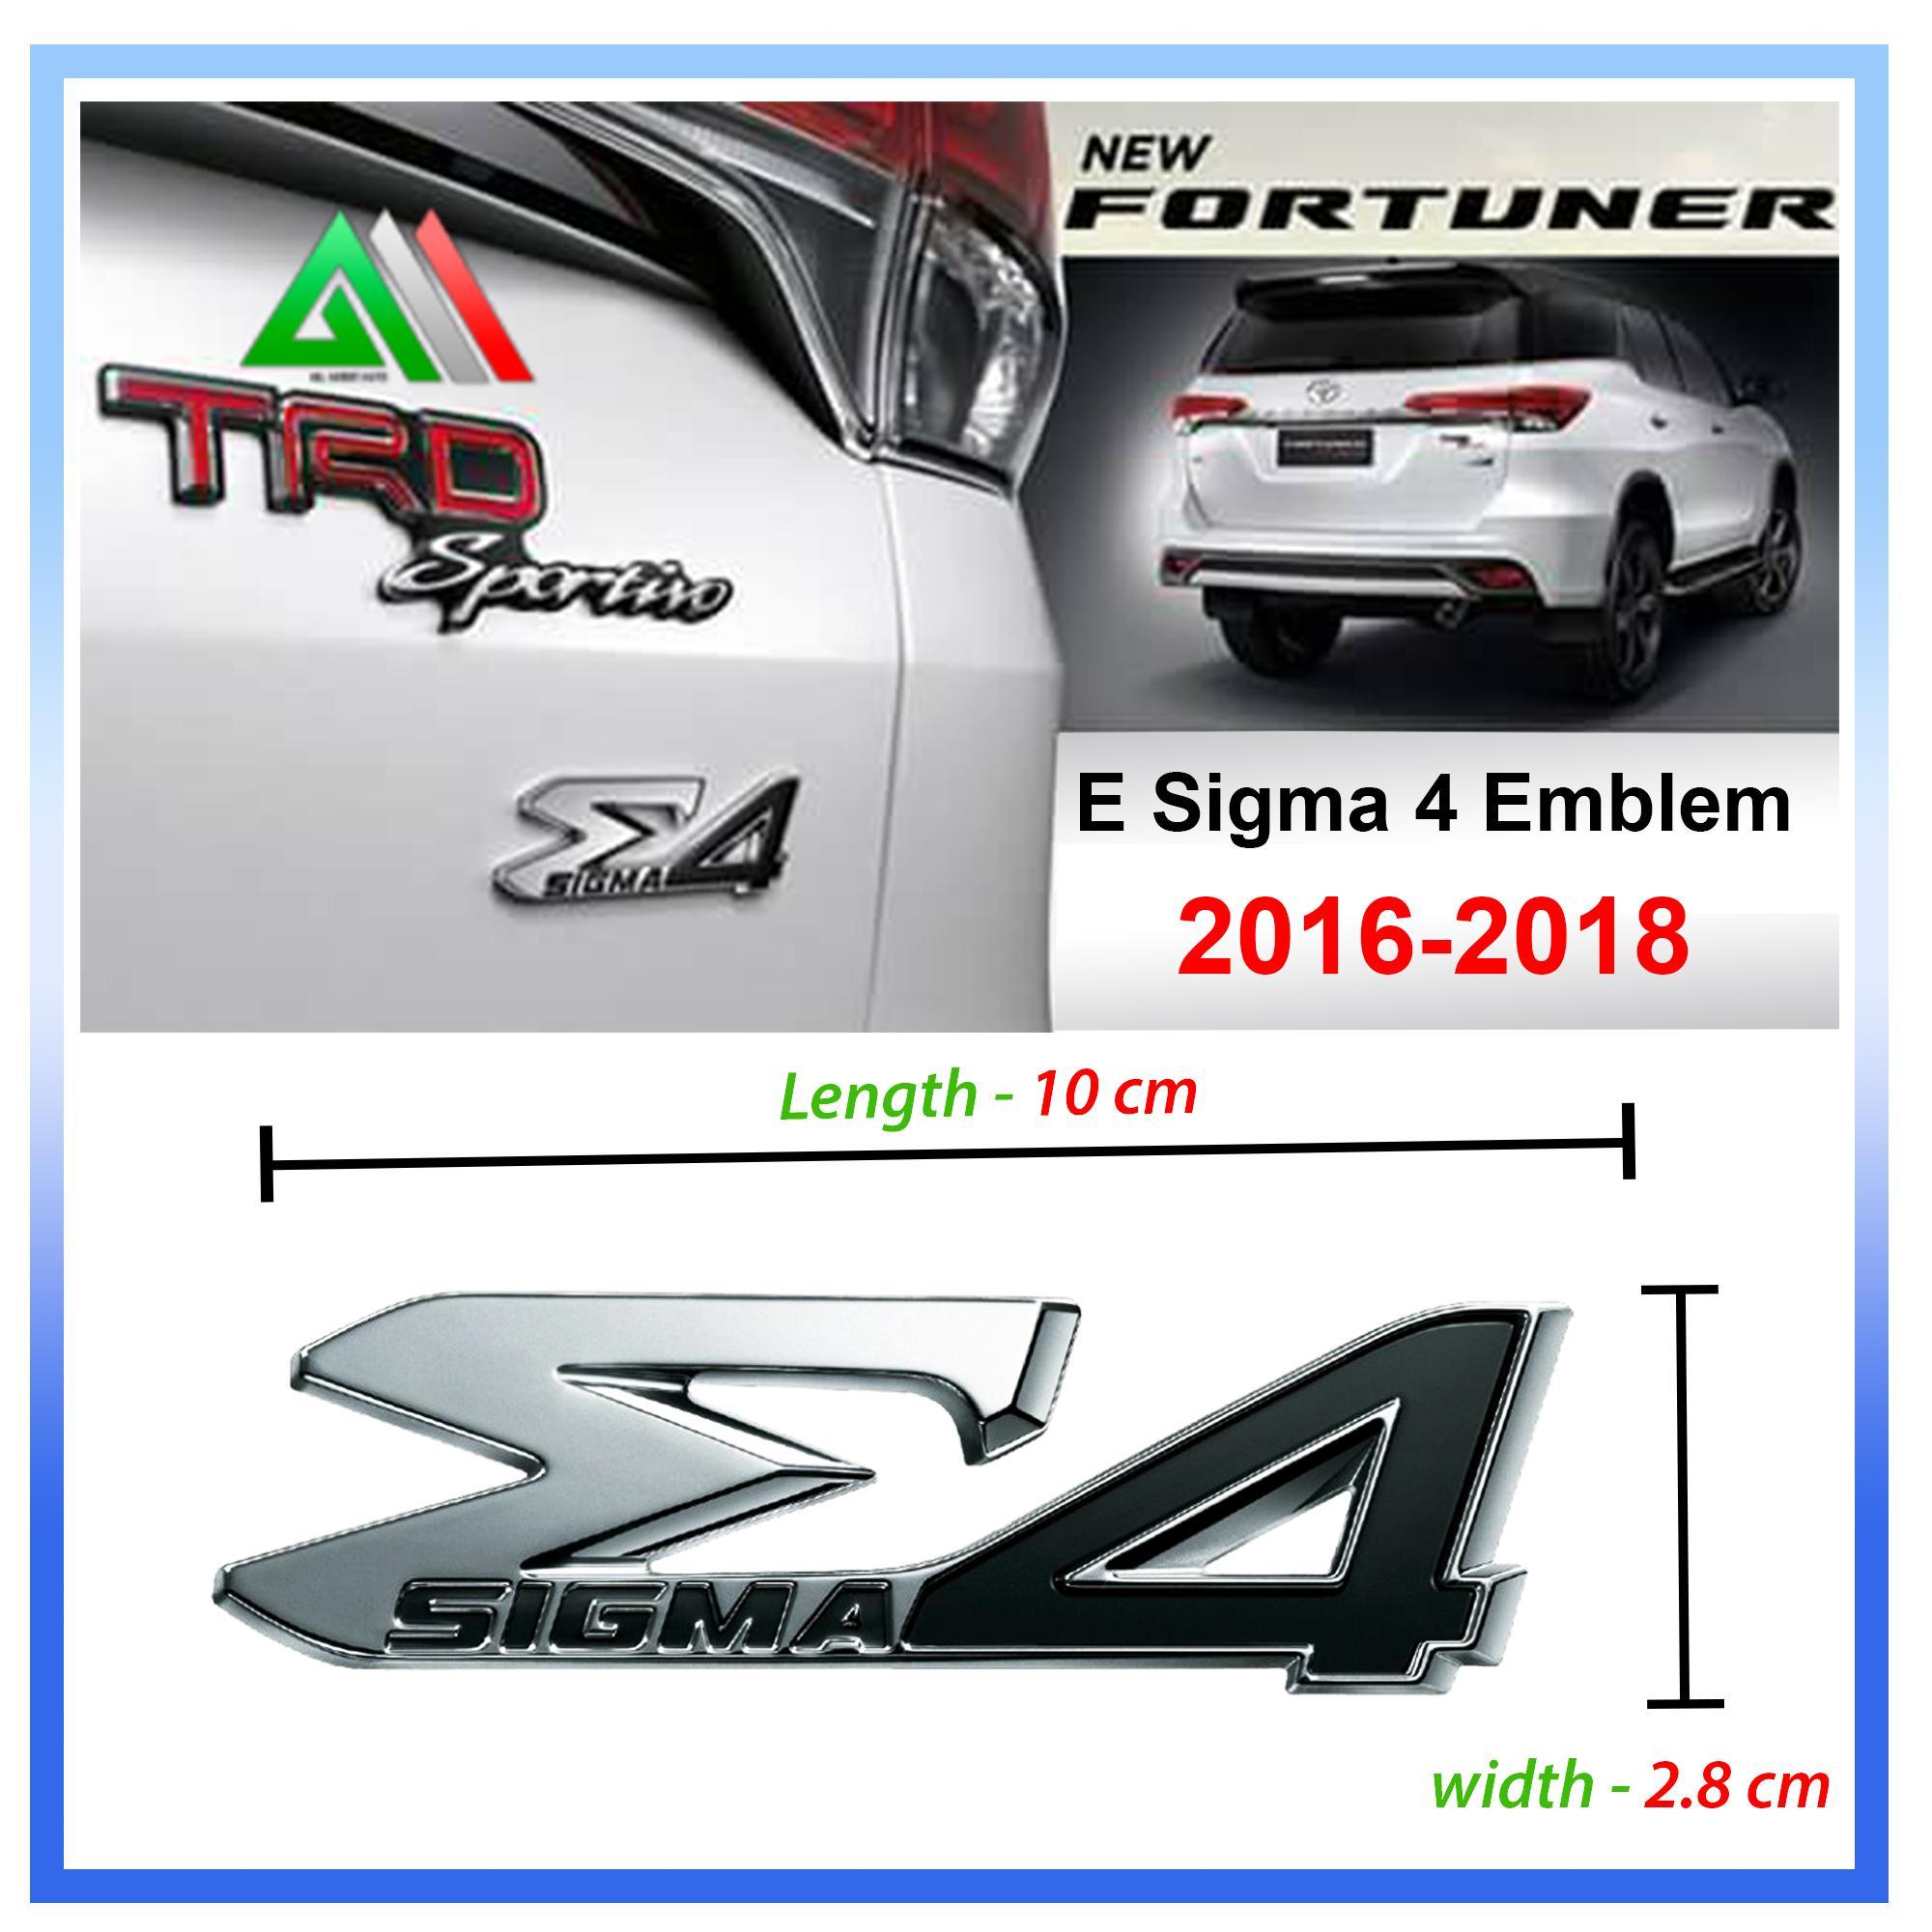 Genuine E Sigma 4 Emblem For Toyota Fortuner 2018